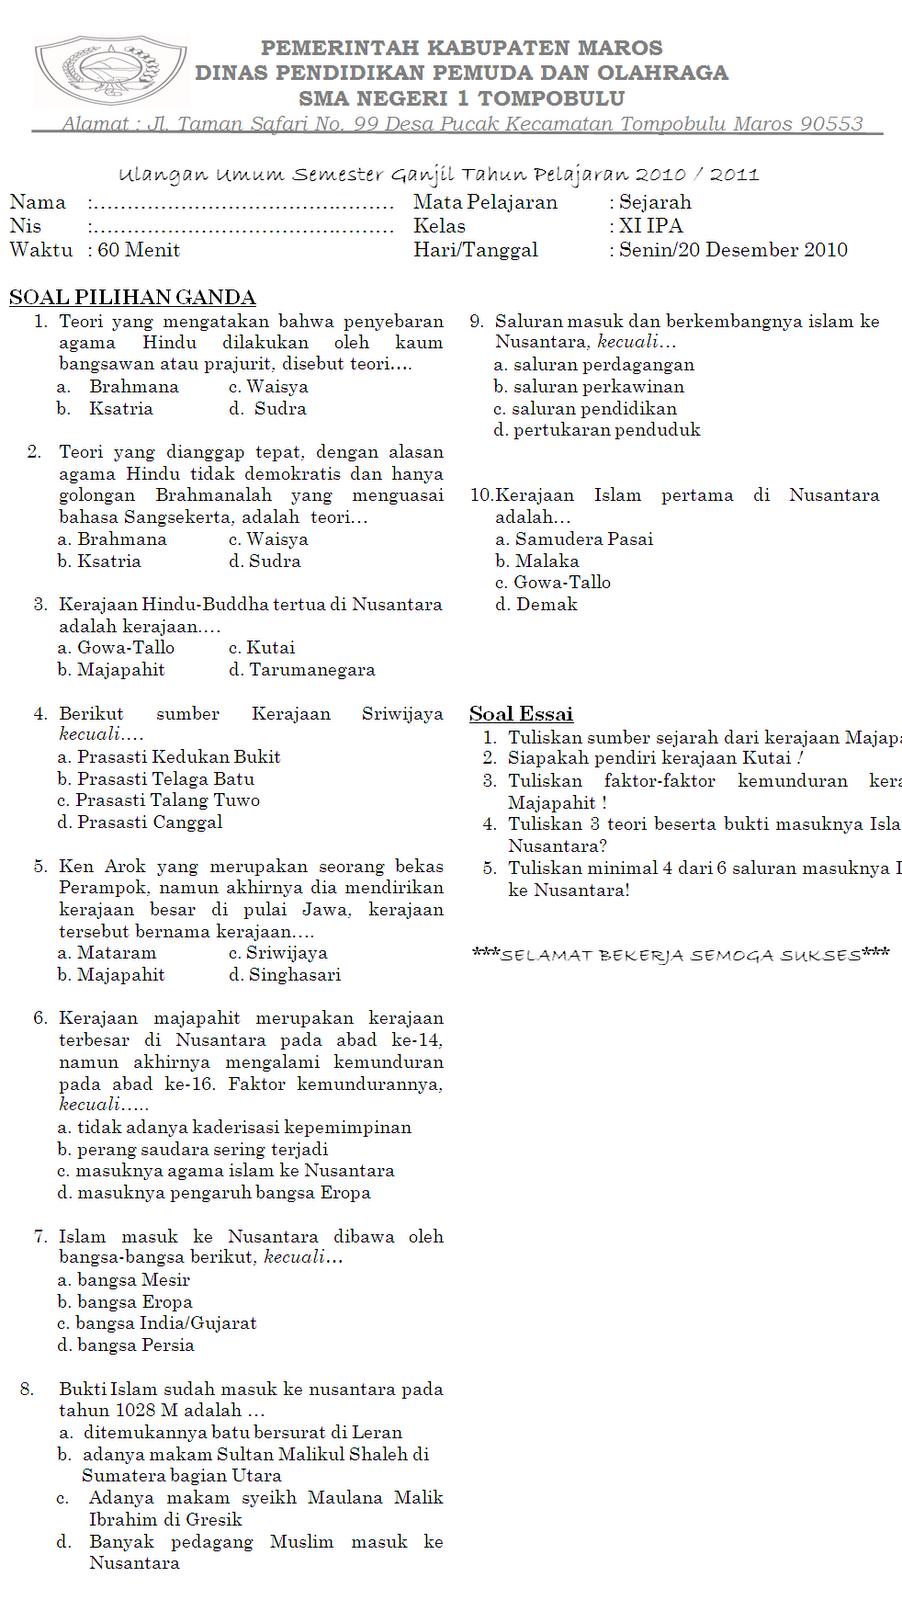 Soal Sejarah Semester Ganjil Kelas Xi Ipa 2010 2011 Kata Ilmu